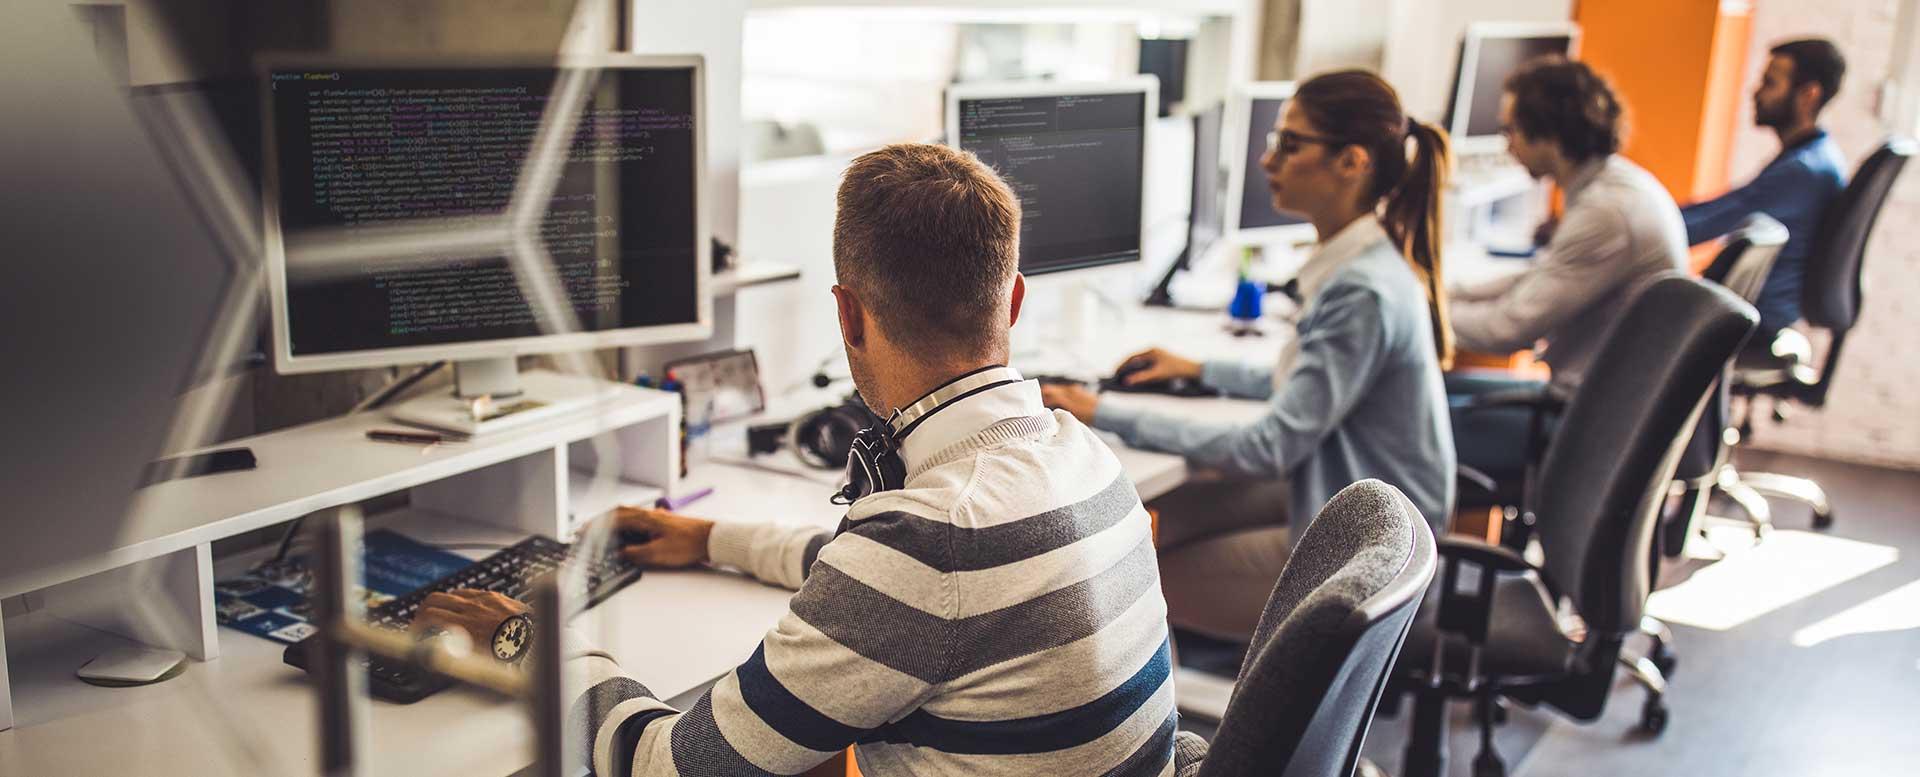 Ausbildungsberufe in der IT-Branche